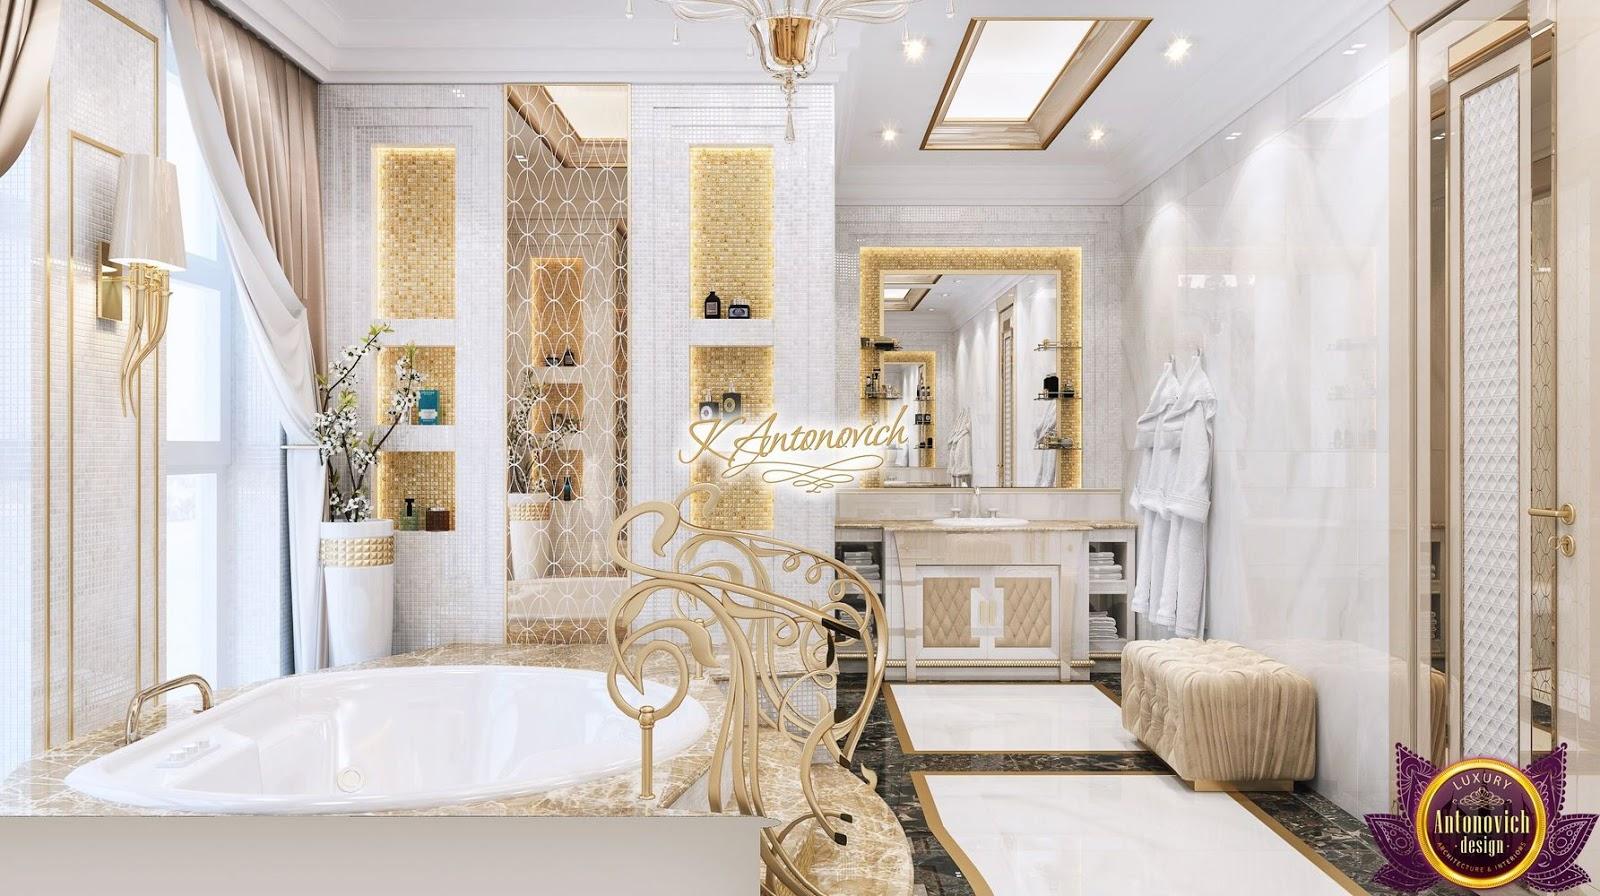 LUXURY ANTONOVICH DESIGN UAE: The philosophy of exclusive luxury ...